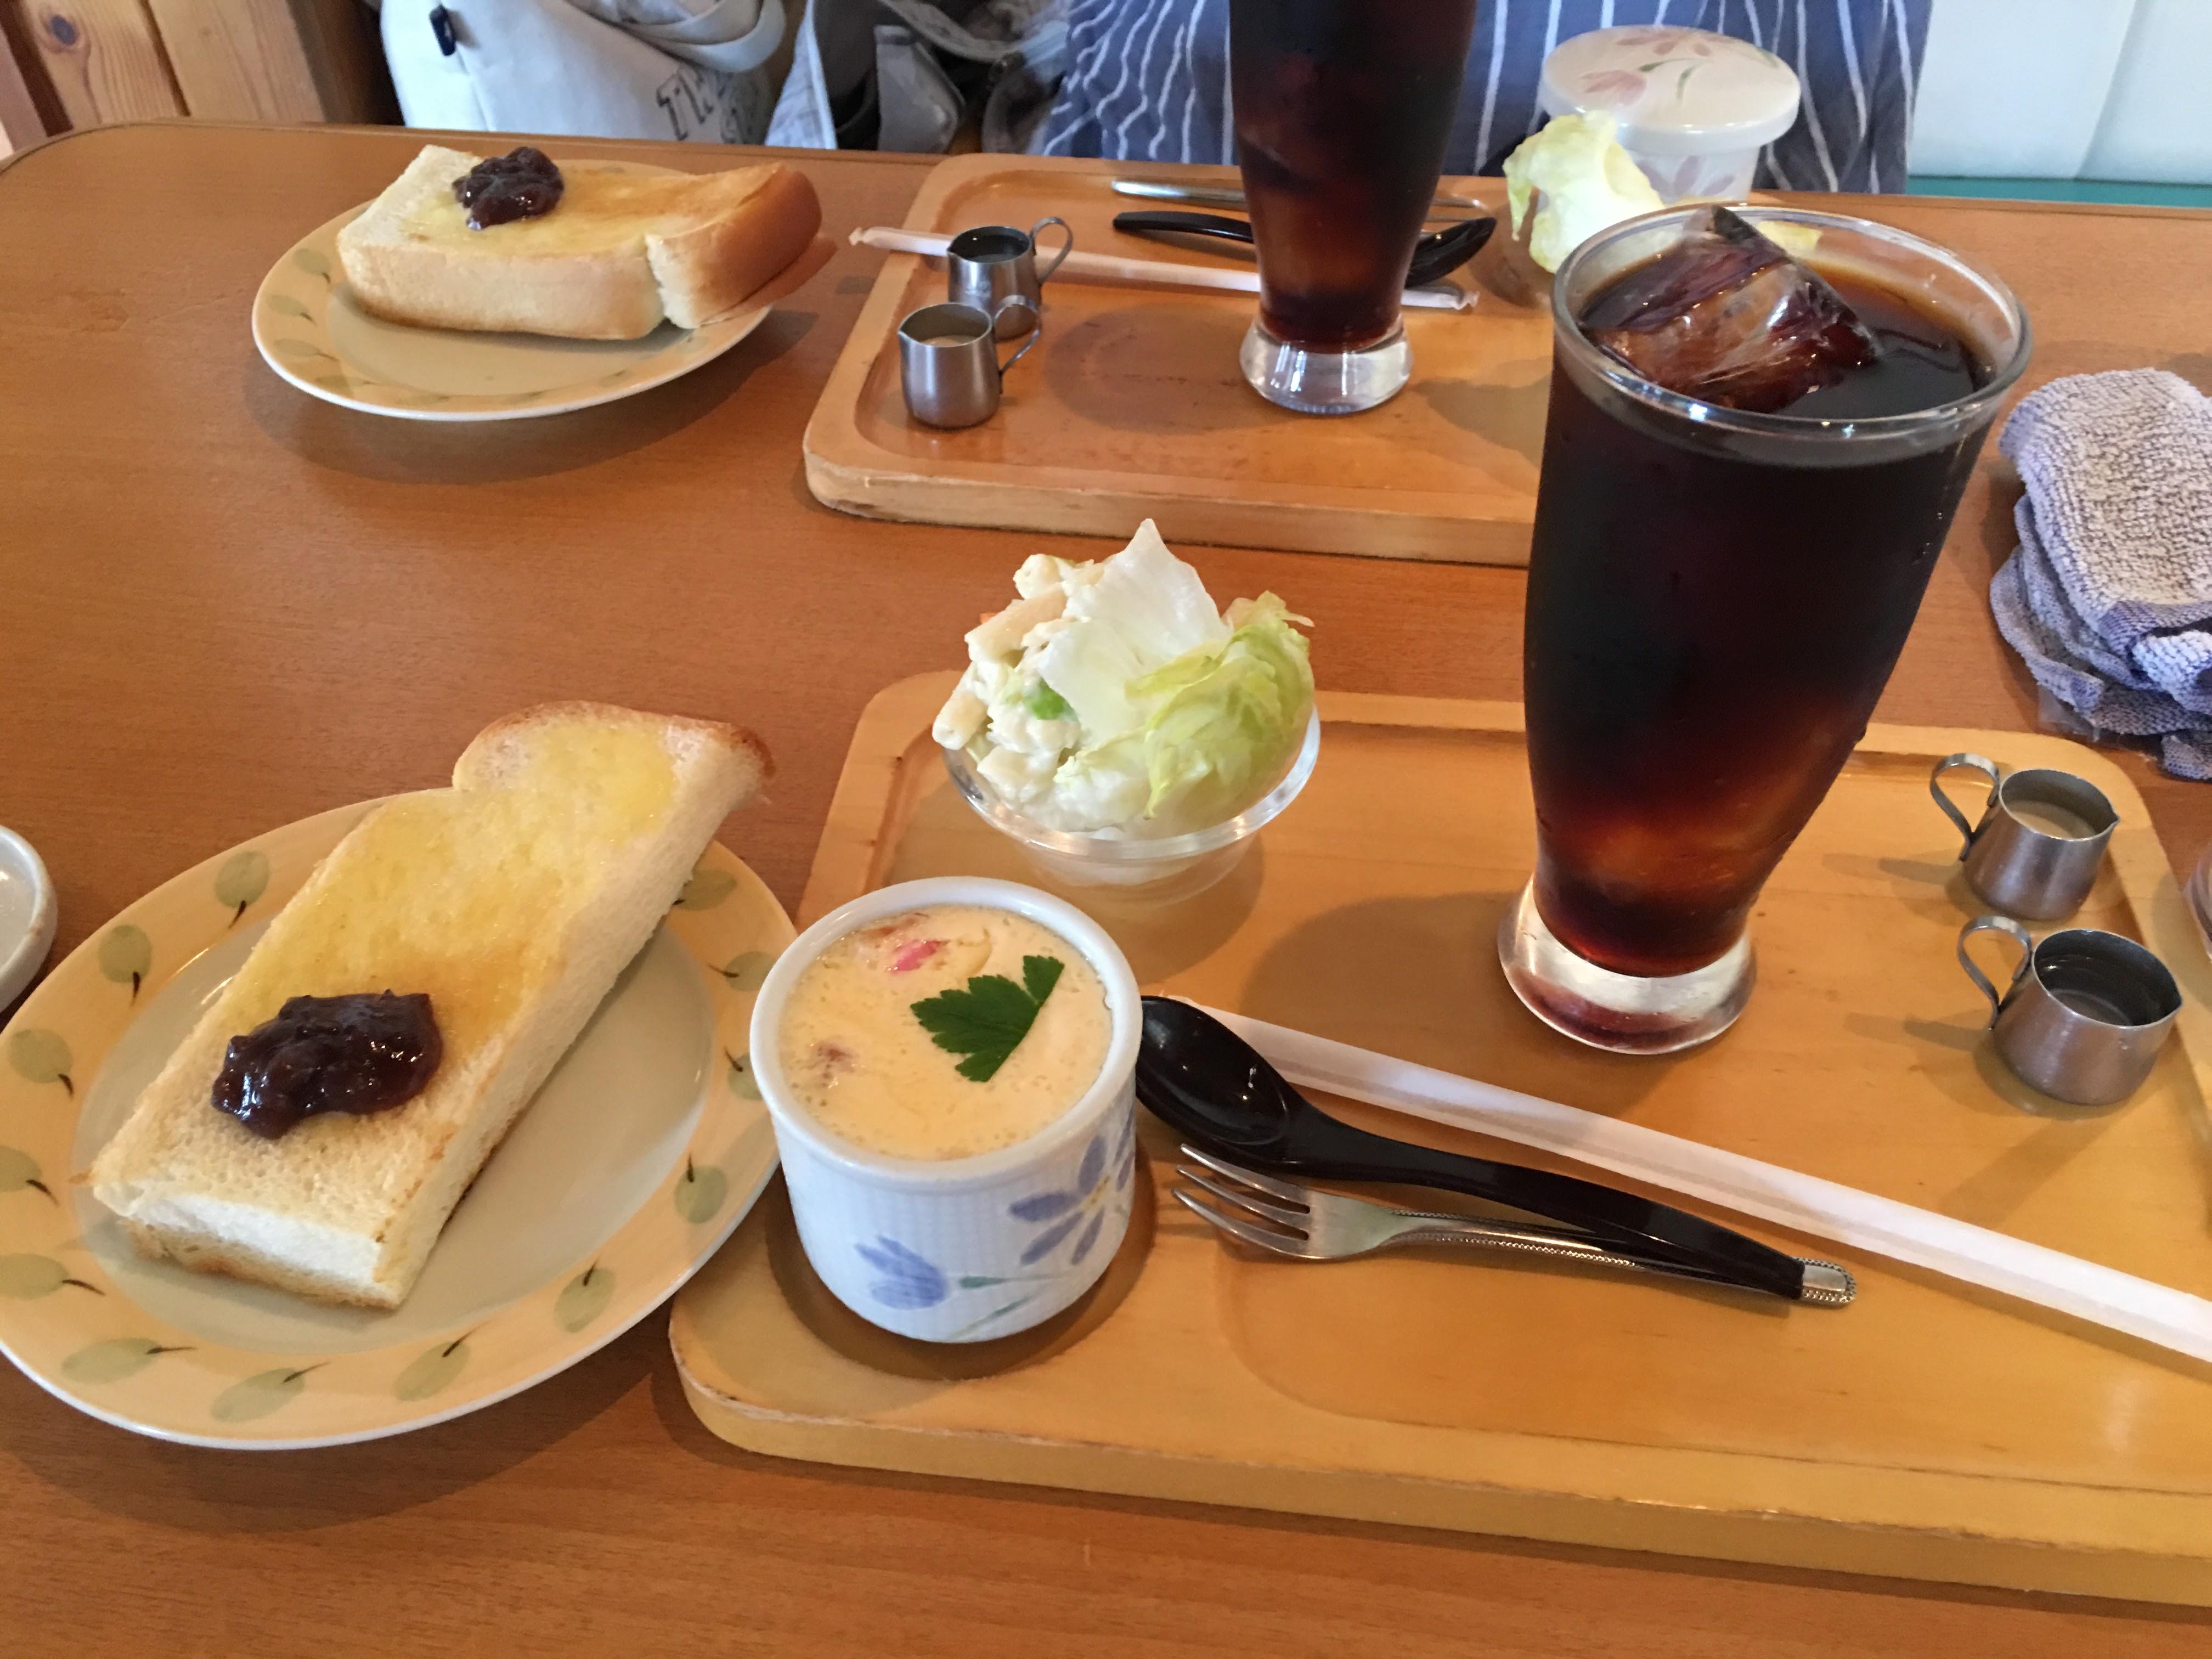 サービスし過ぎの喫茶店の話。東京でやったら店が潰れるよね。笑